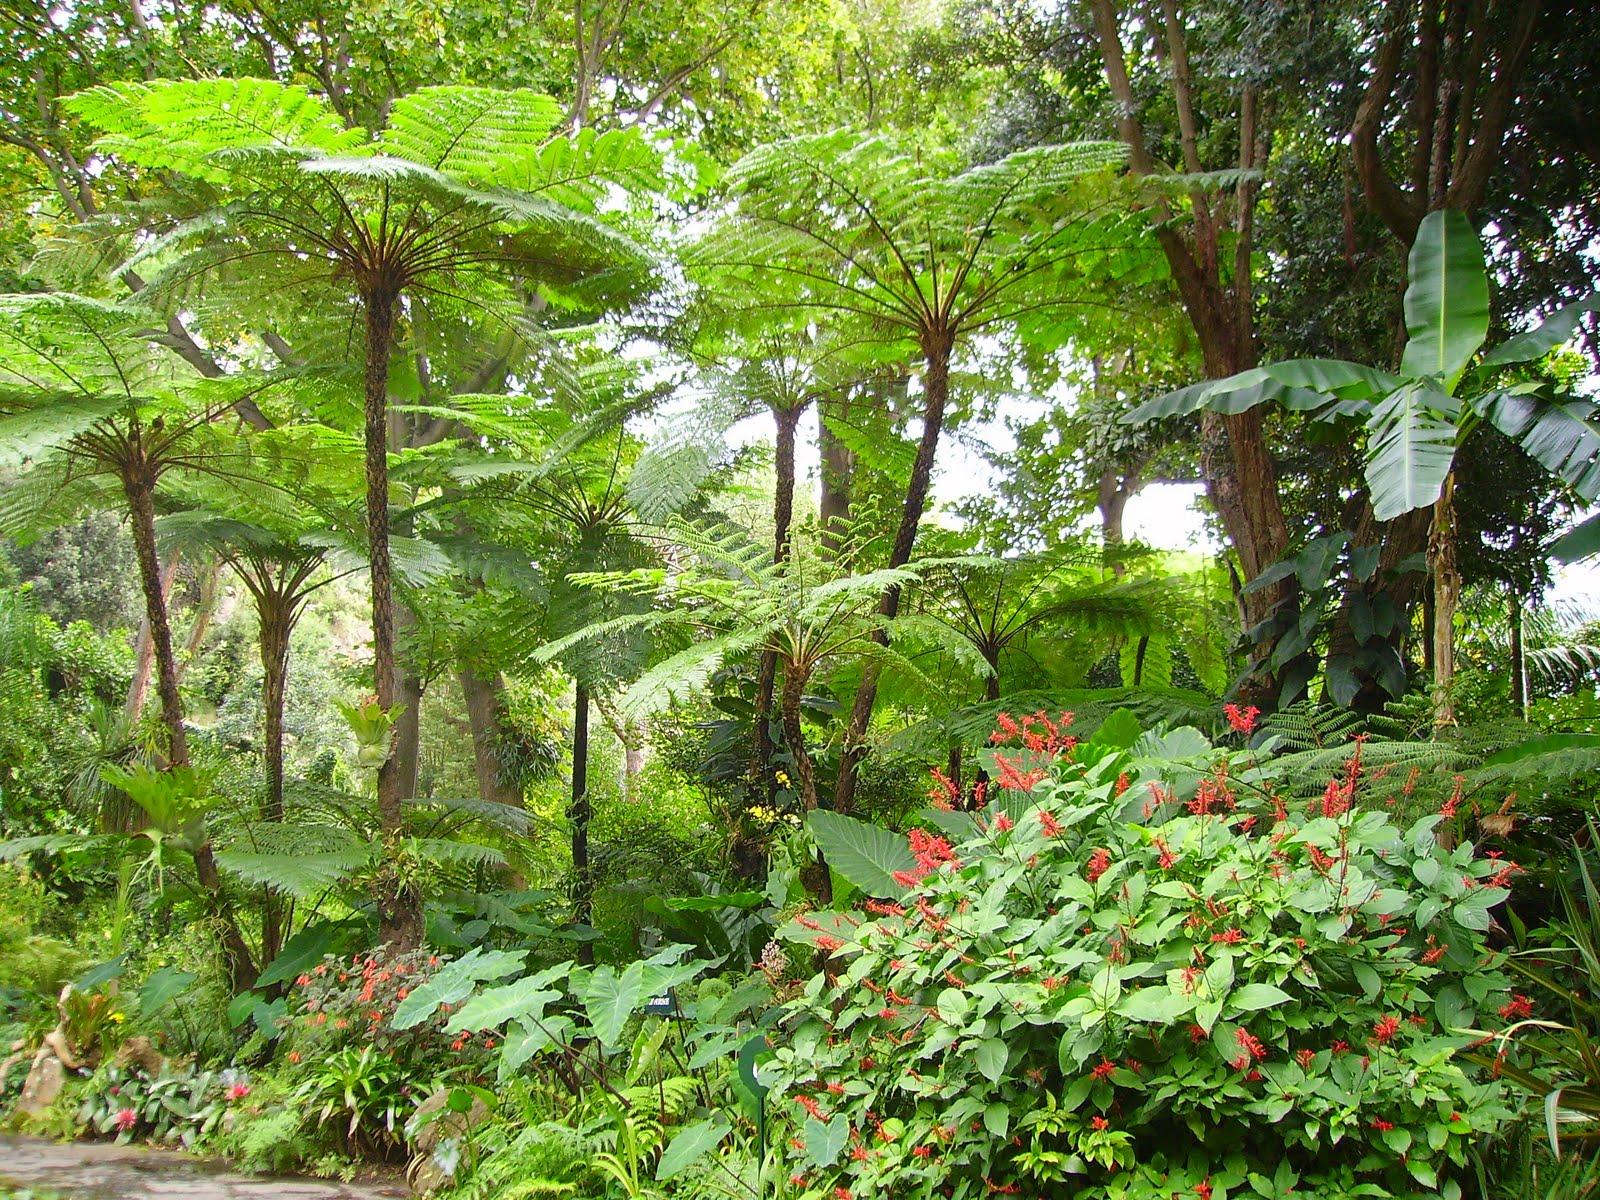 Vivere il verde emozioni saperi sapori andar per giardini la mortella forio d 39 ischia - Giardino la mortella ...